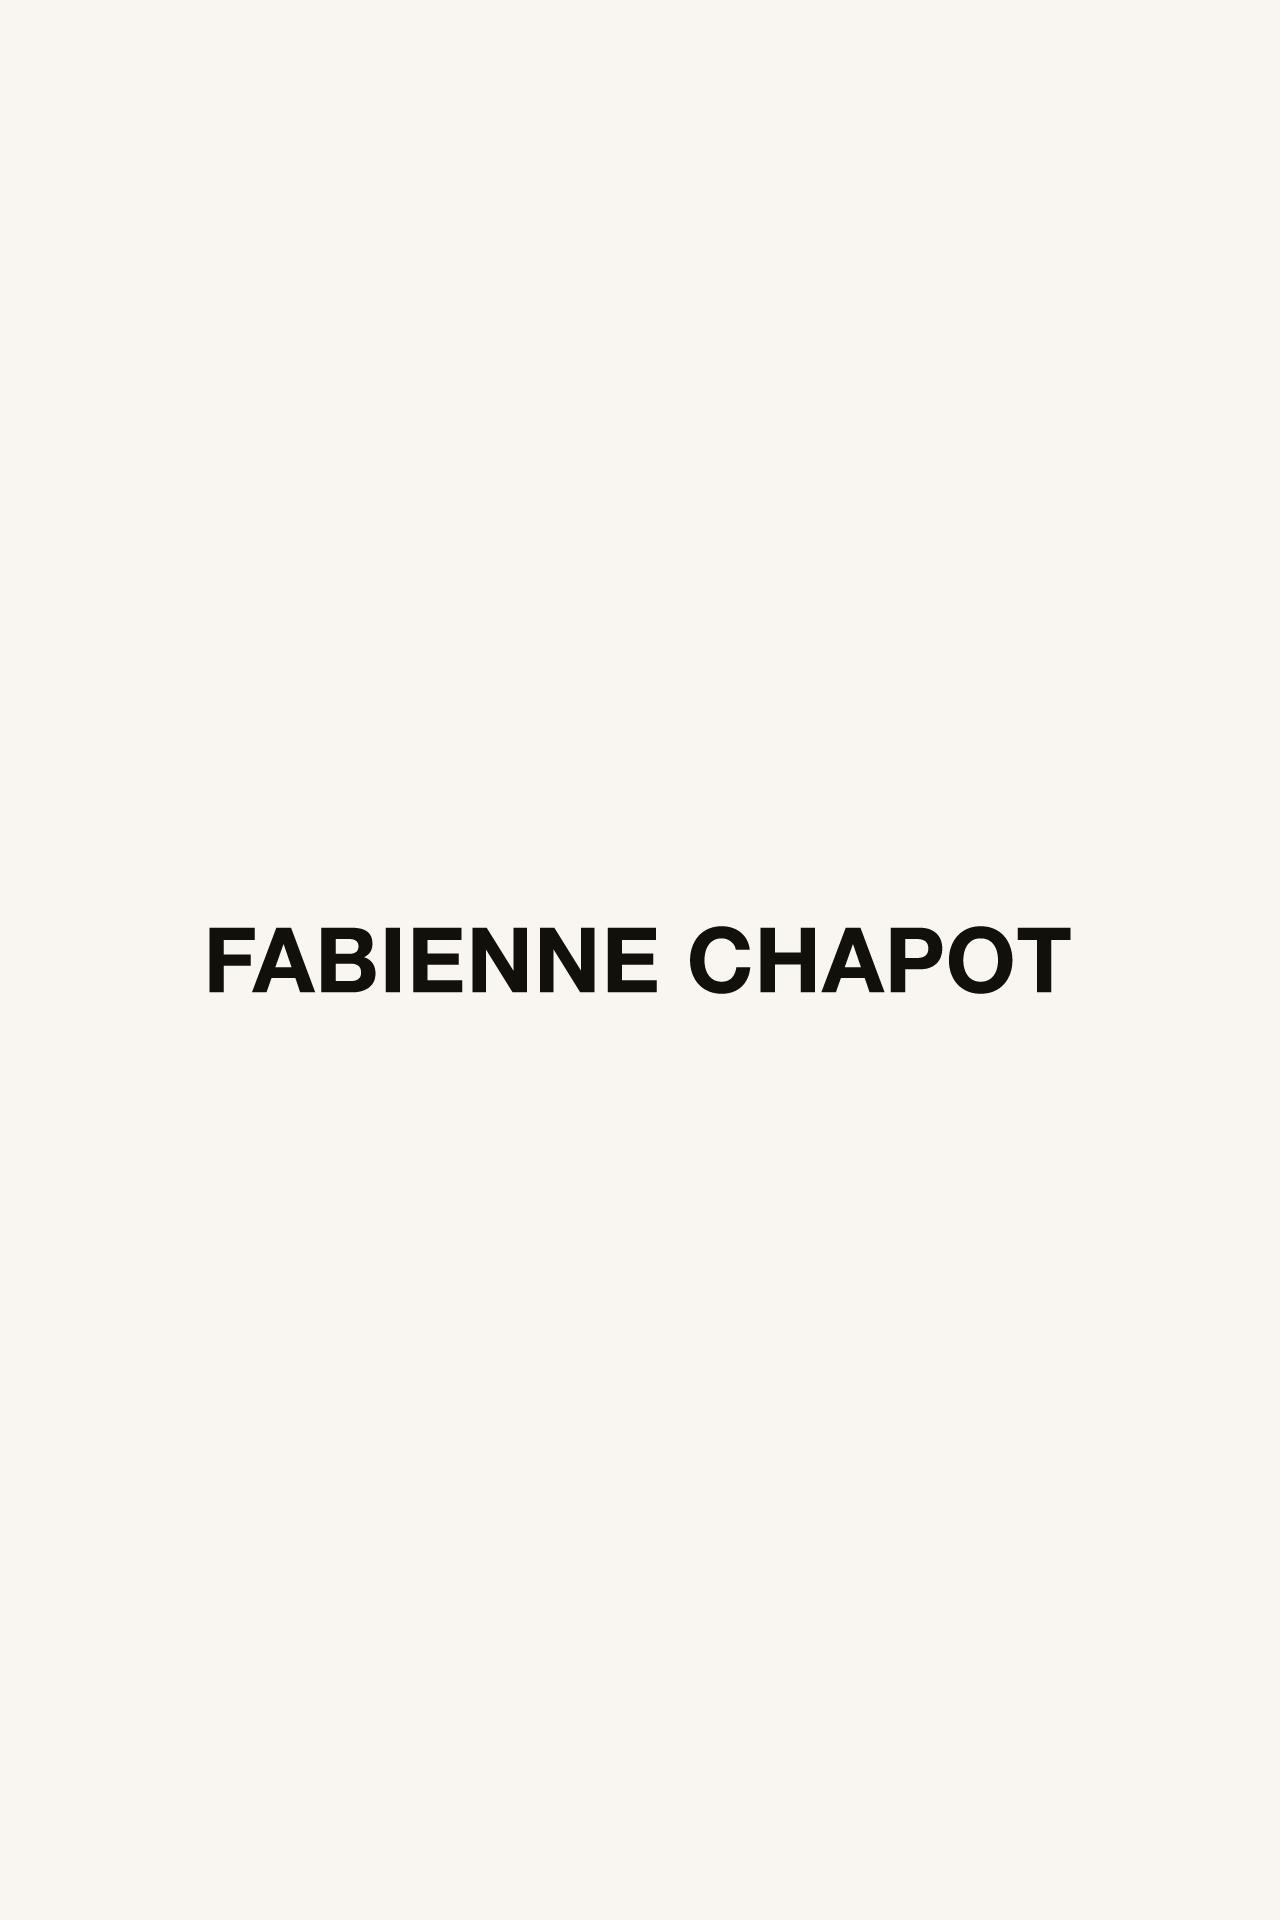 X Fabienne